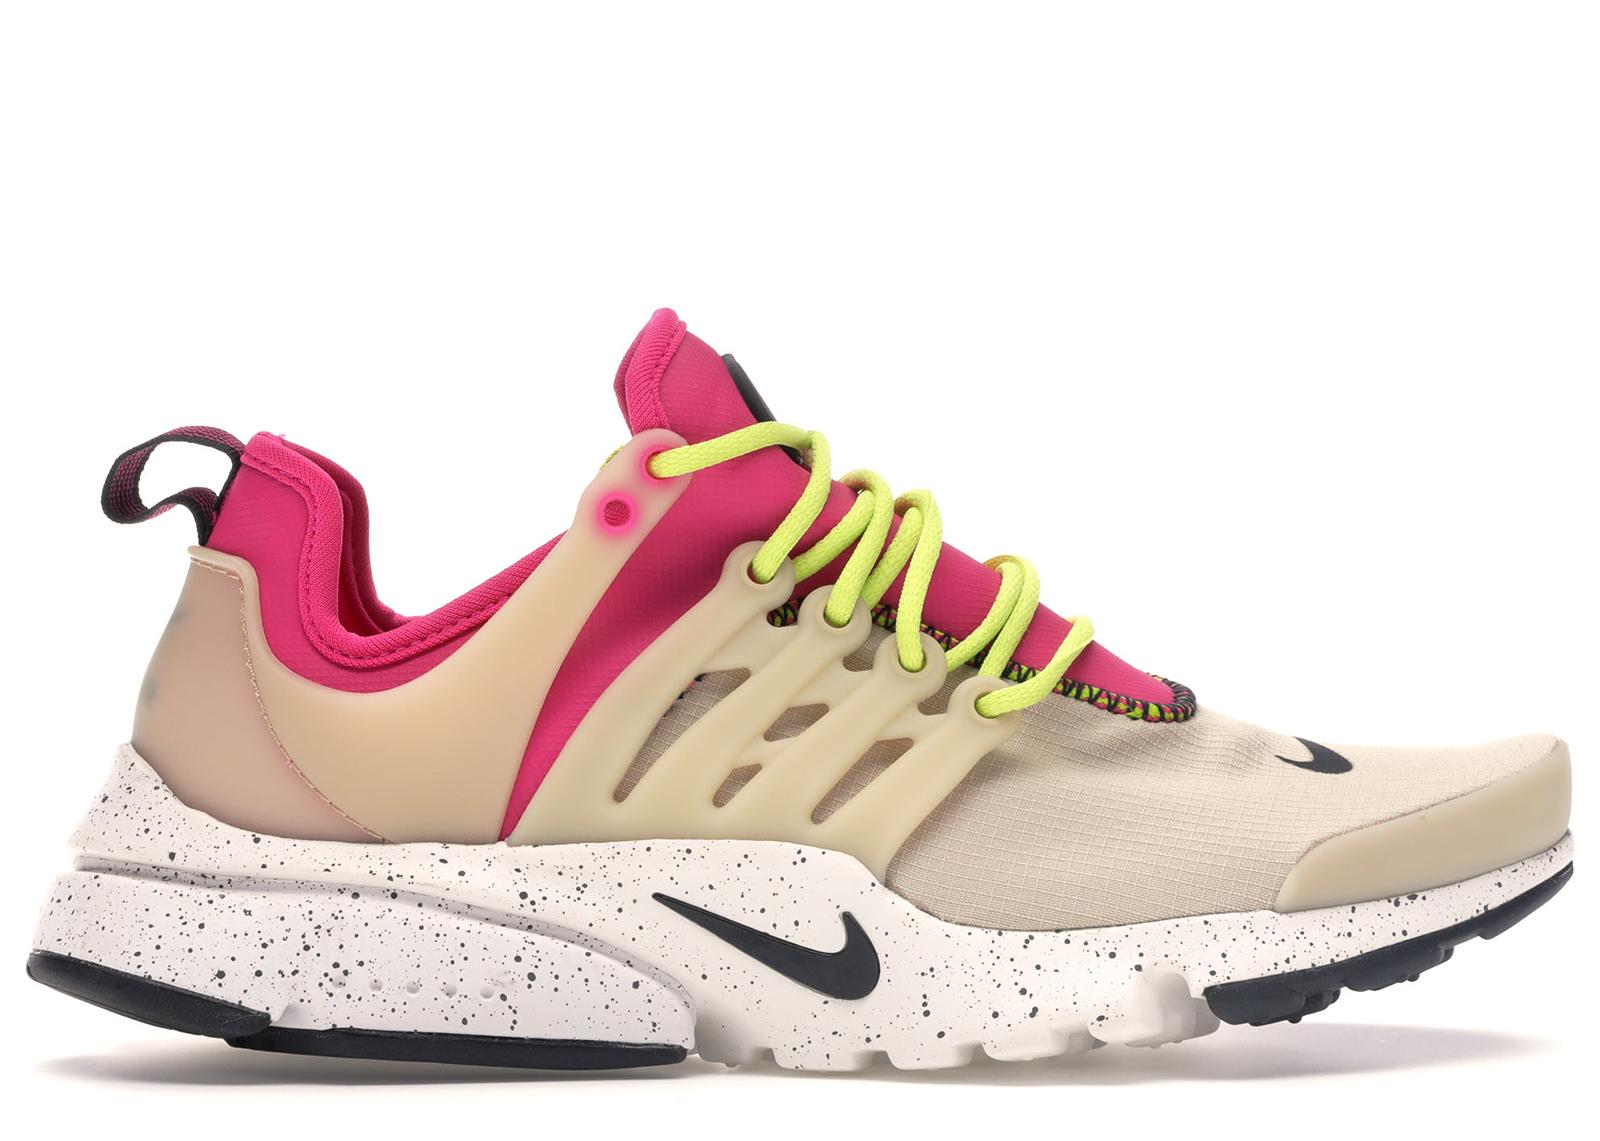 Nike Air Presto Mushroom Deadly Pink (W